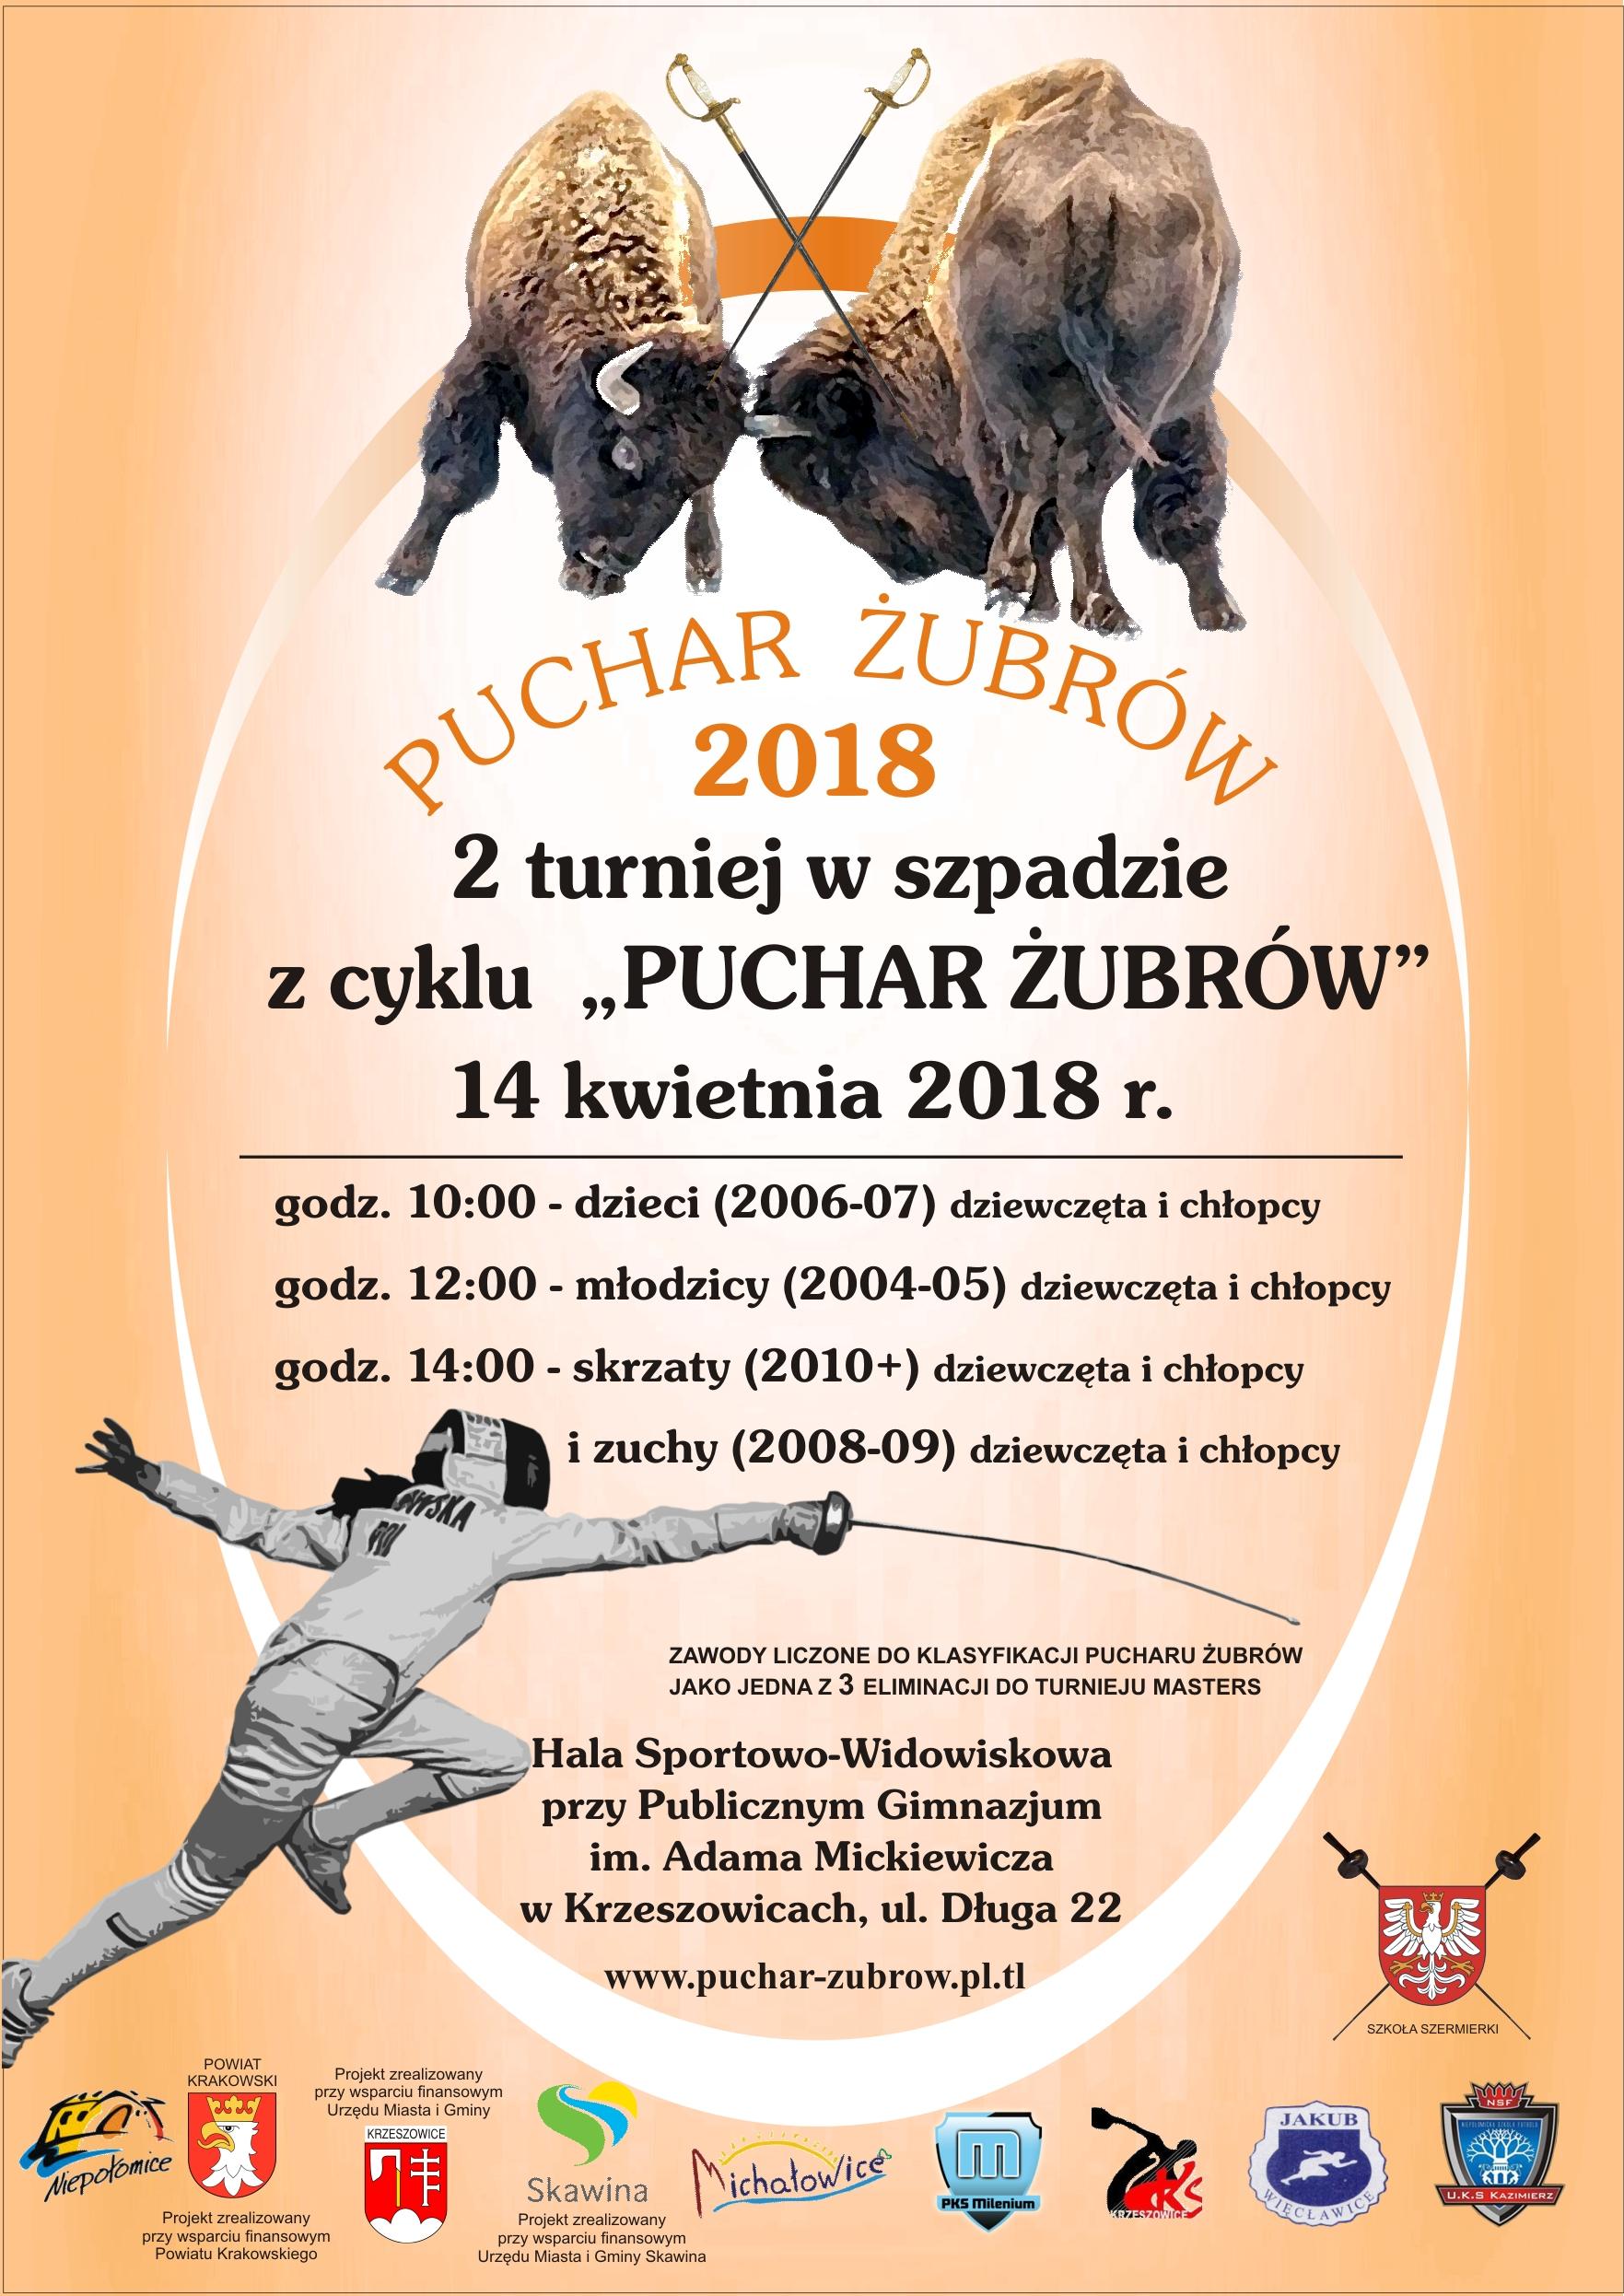 plakaty żubry 2018 2